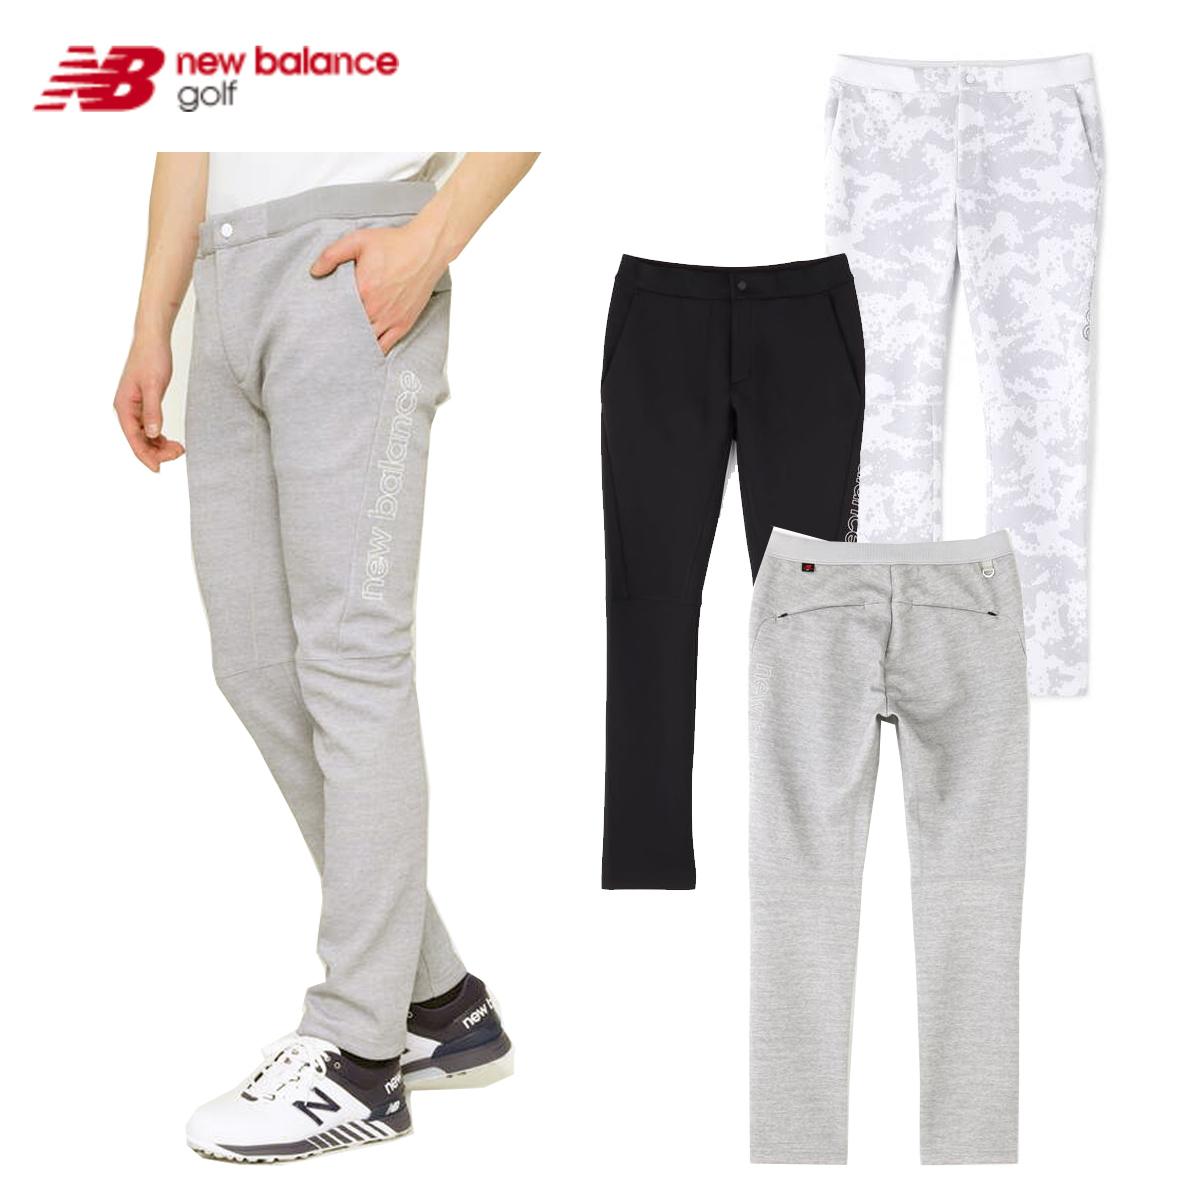 ニューバランスゴルフ ゴルフウェア パンツ メンズ new balance golf スウェットロングパンツ MENS SPORT 2020SS 正規品